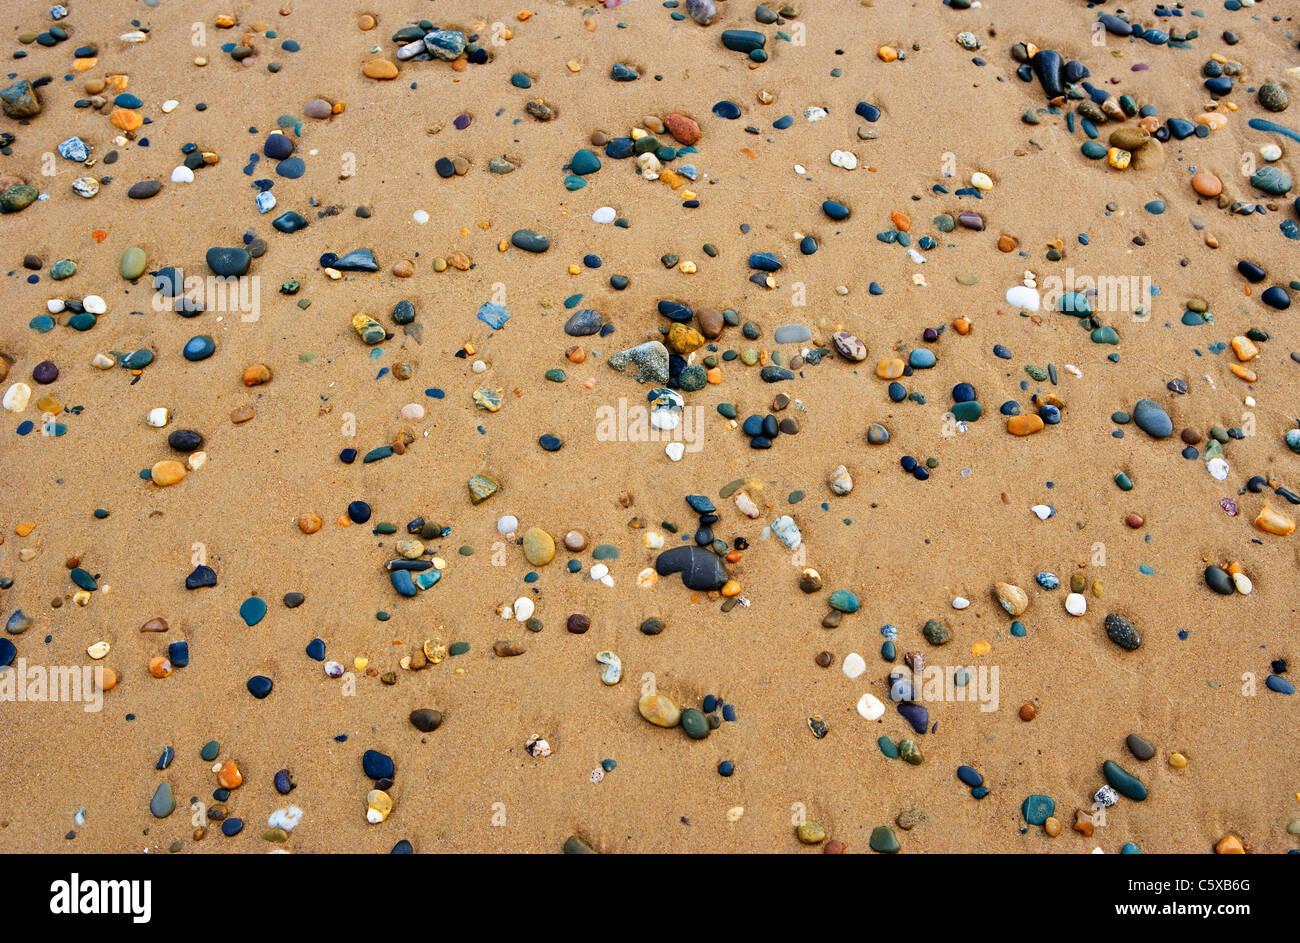 Pebbles on shore, full frame - Stock Image